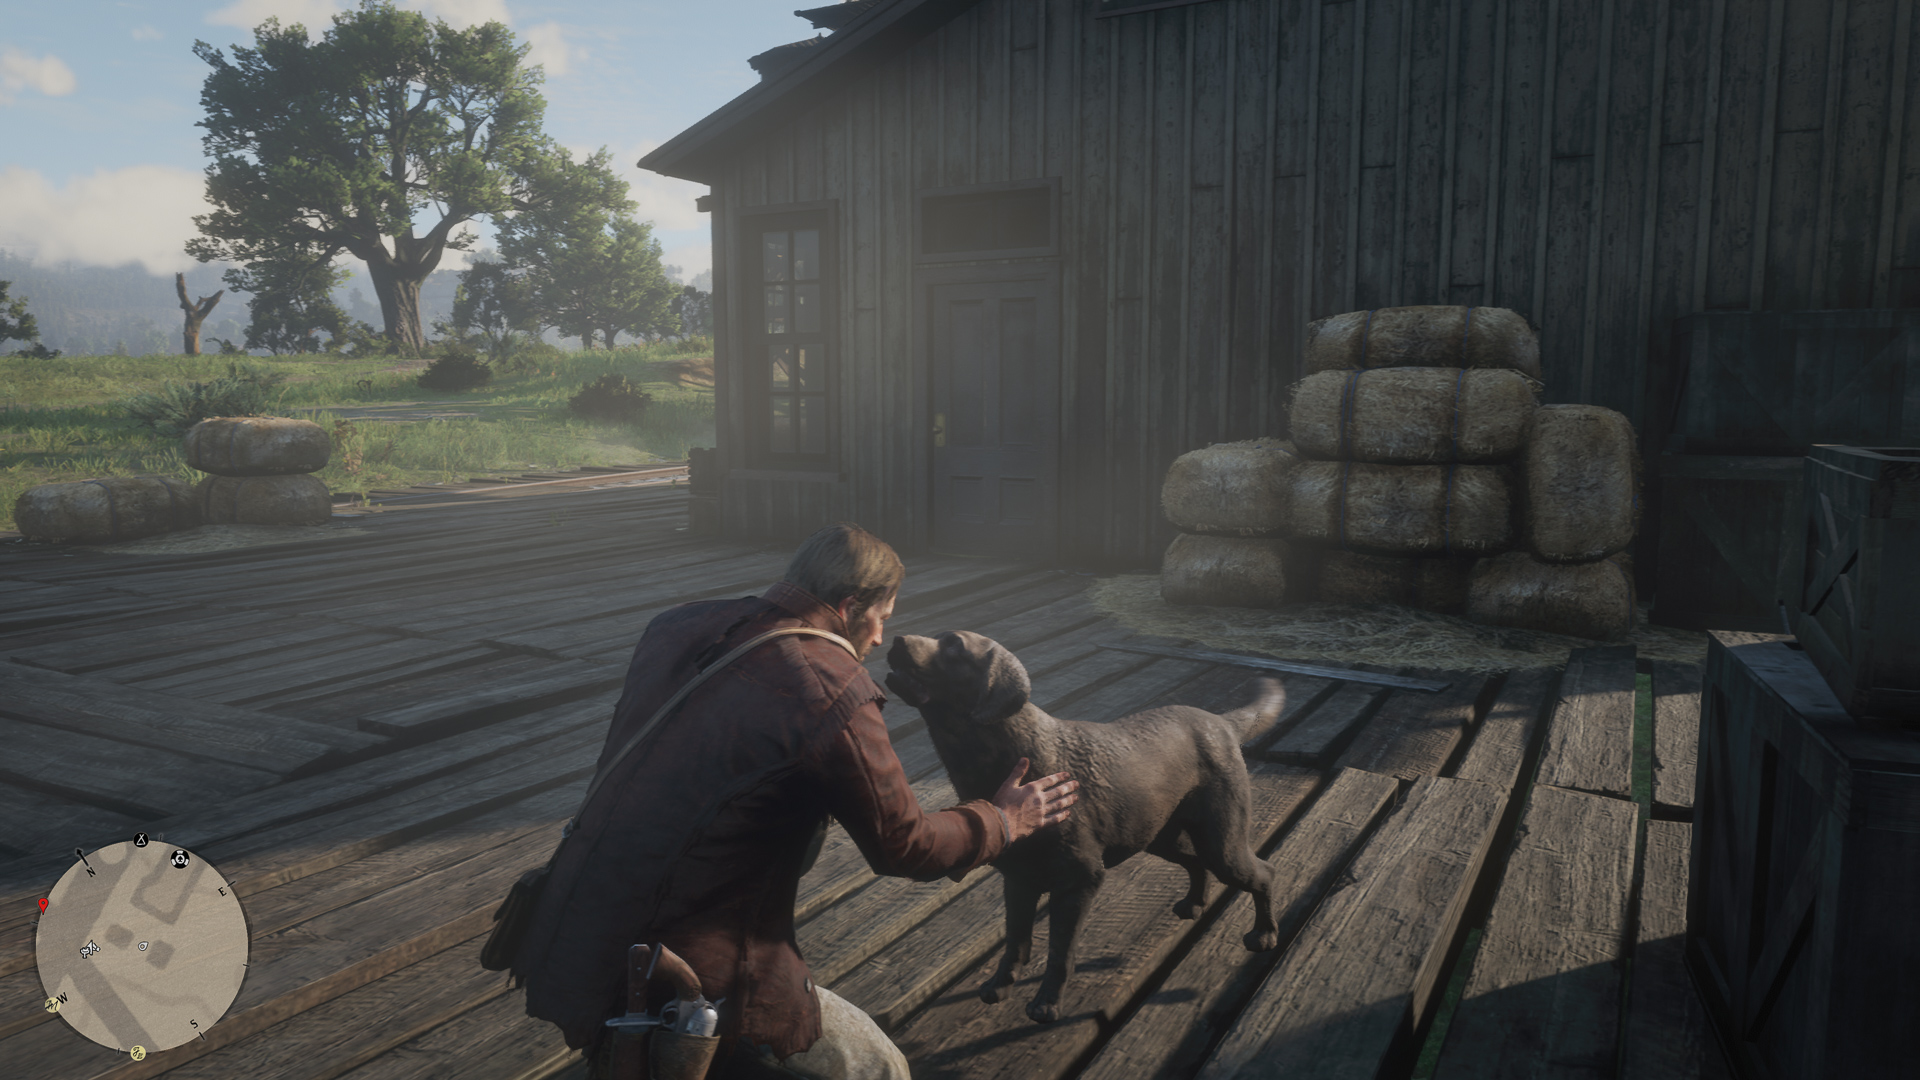 Hunde sind der beste Freund des Menschen, Red Dead Redemption 2, Arthur Morgan, Van der Linde Gang, Hilfe, Review, Meinung, Playstation 4 Pro, Hack4Life, Fabian Geissler